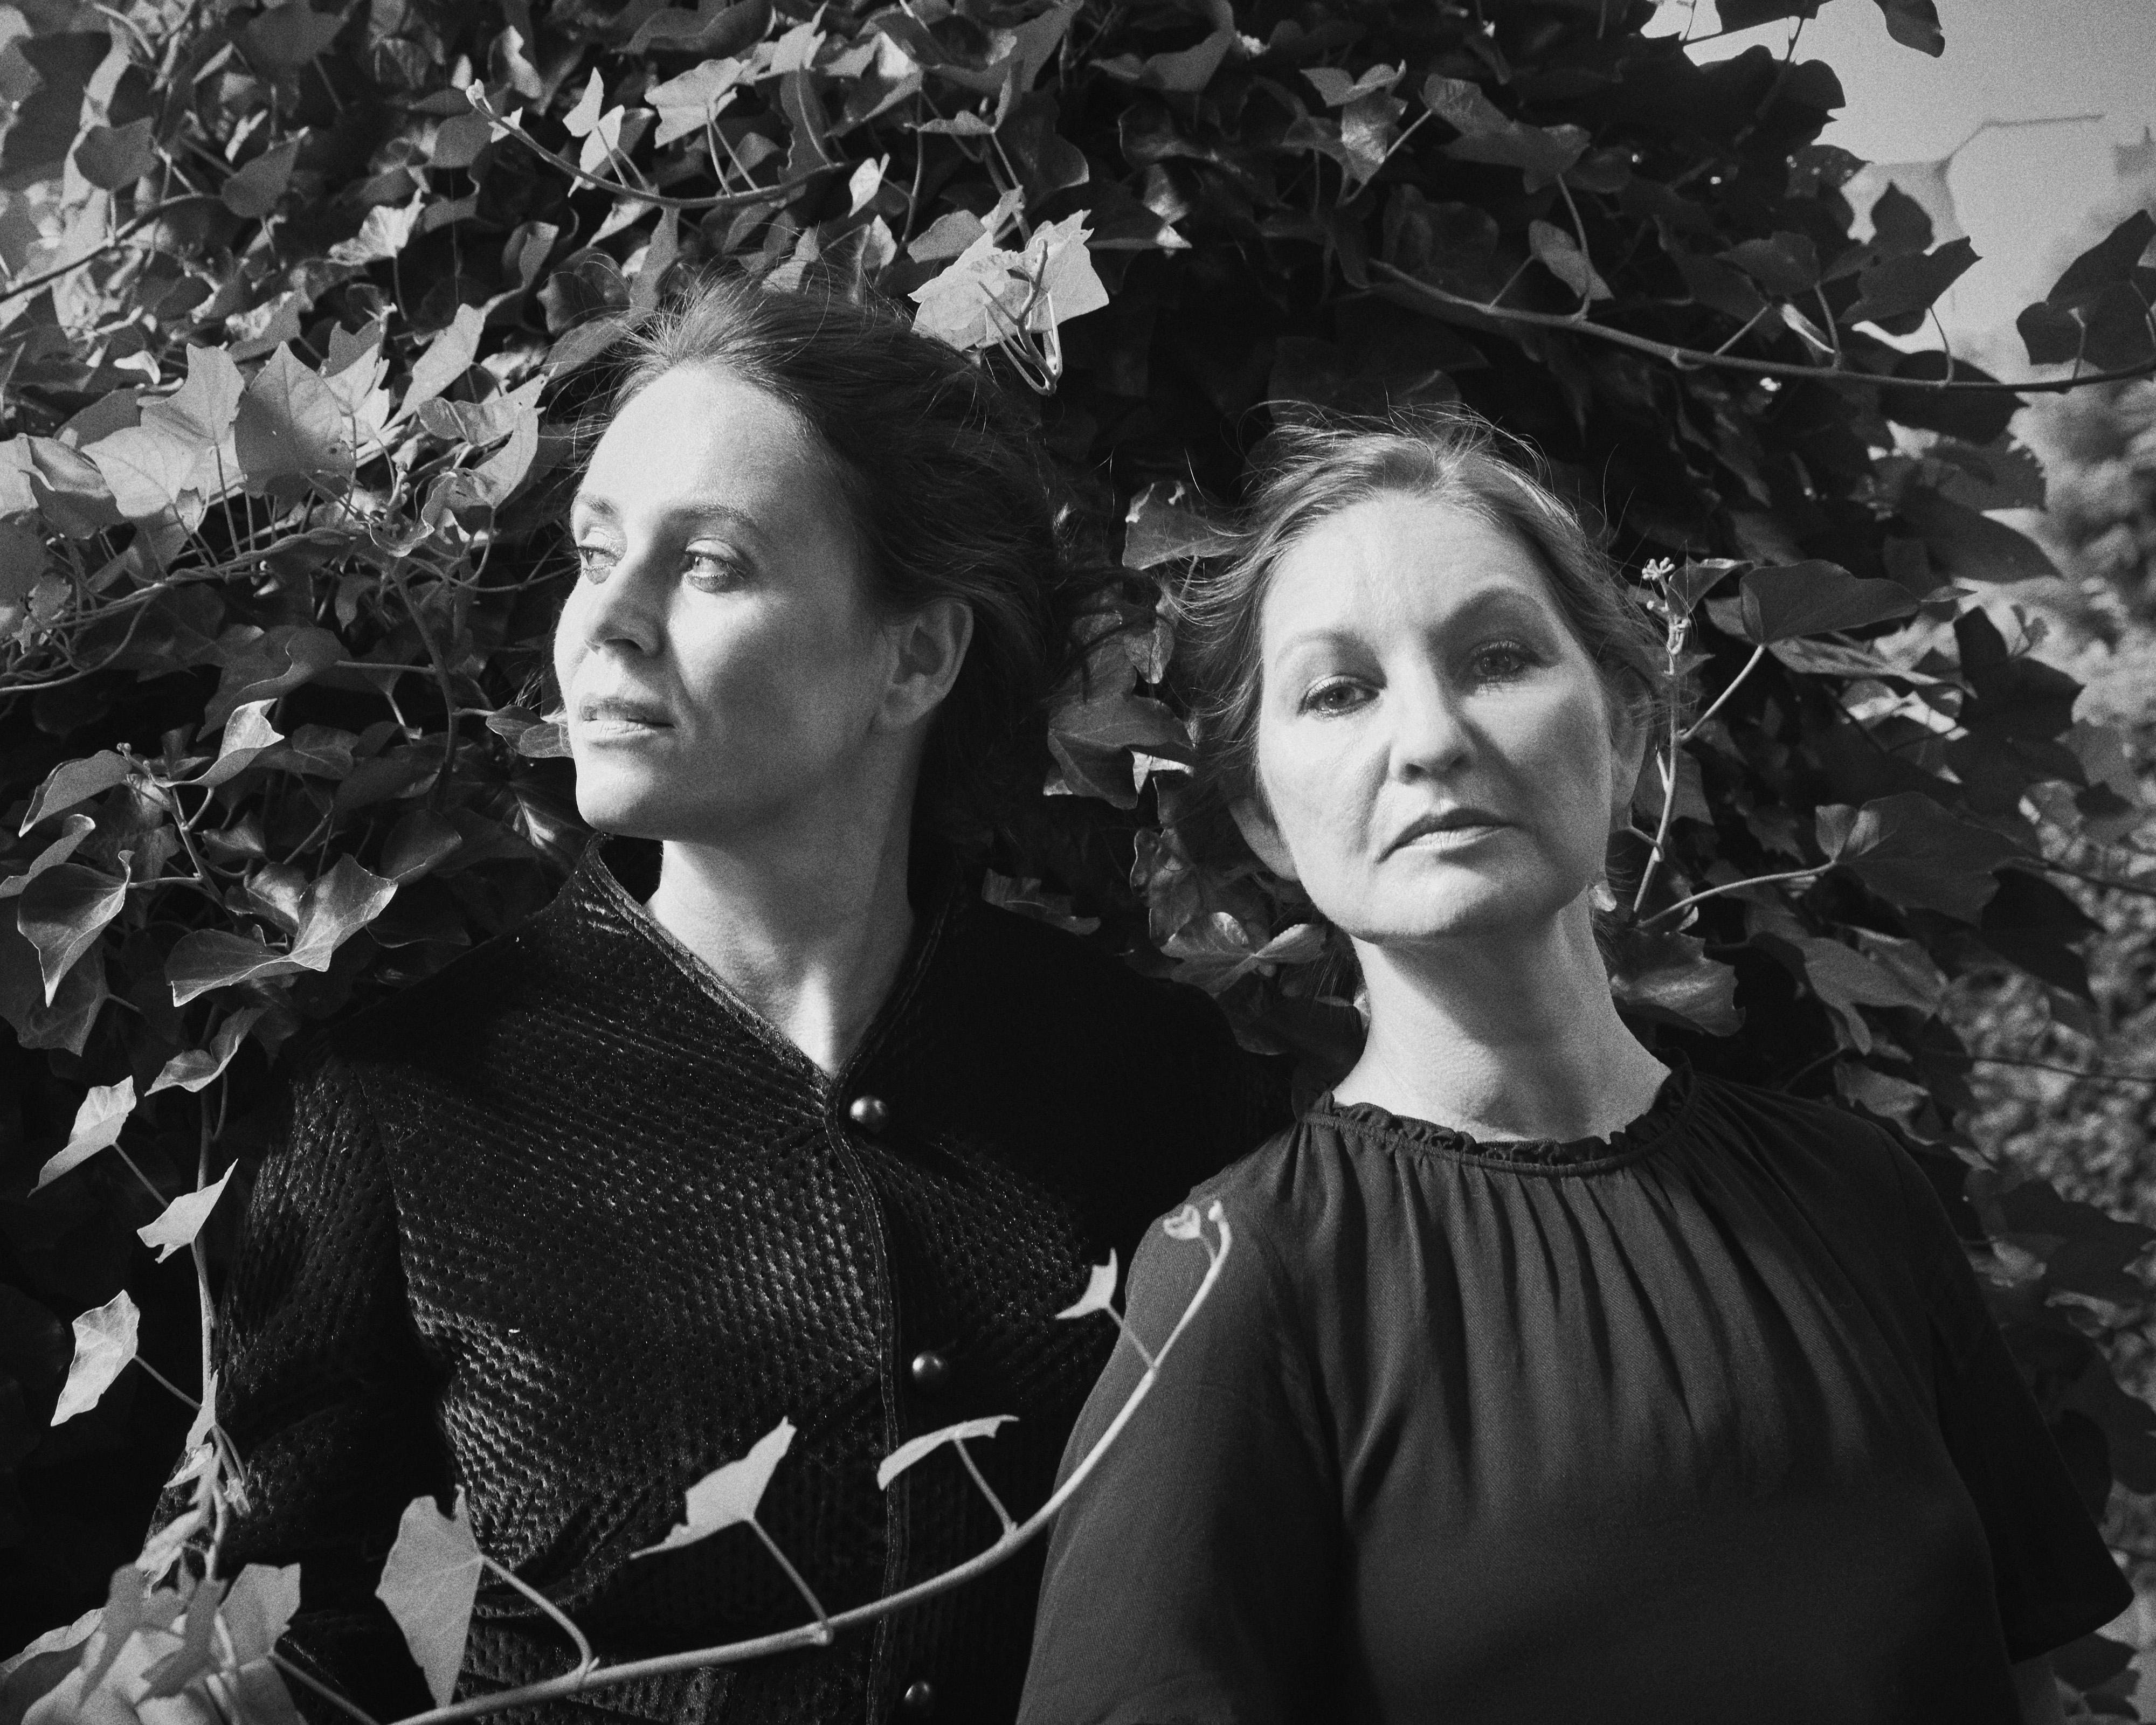 Naja Marie Aidt og Mette Moestrup, 2016. Fotograf: Mikkel Tjellesen.  (Få høj opløsning fra Gyldendal)